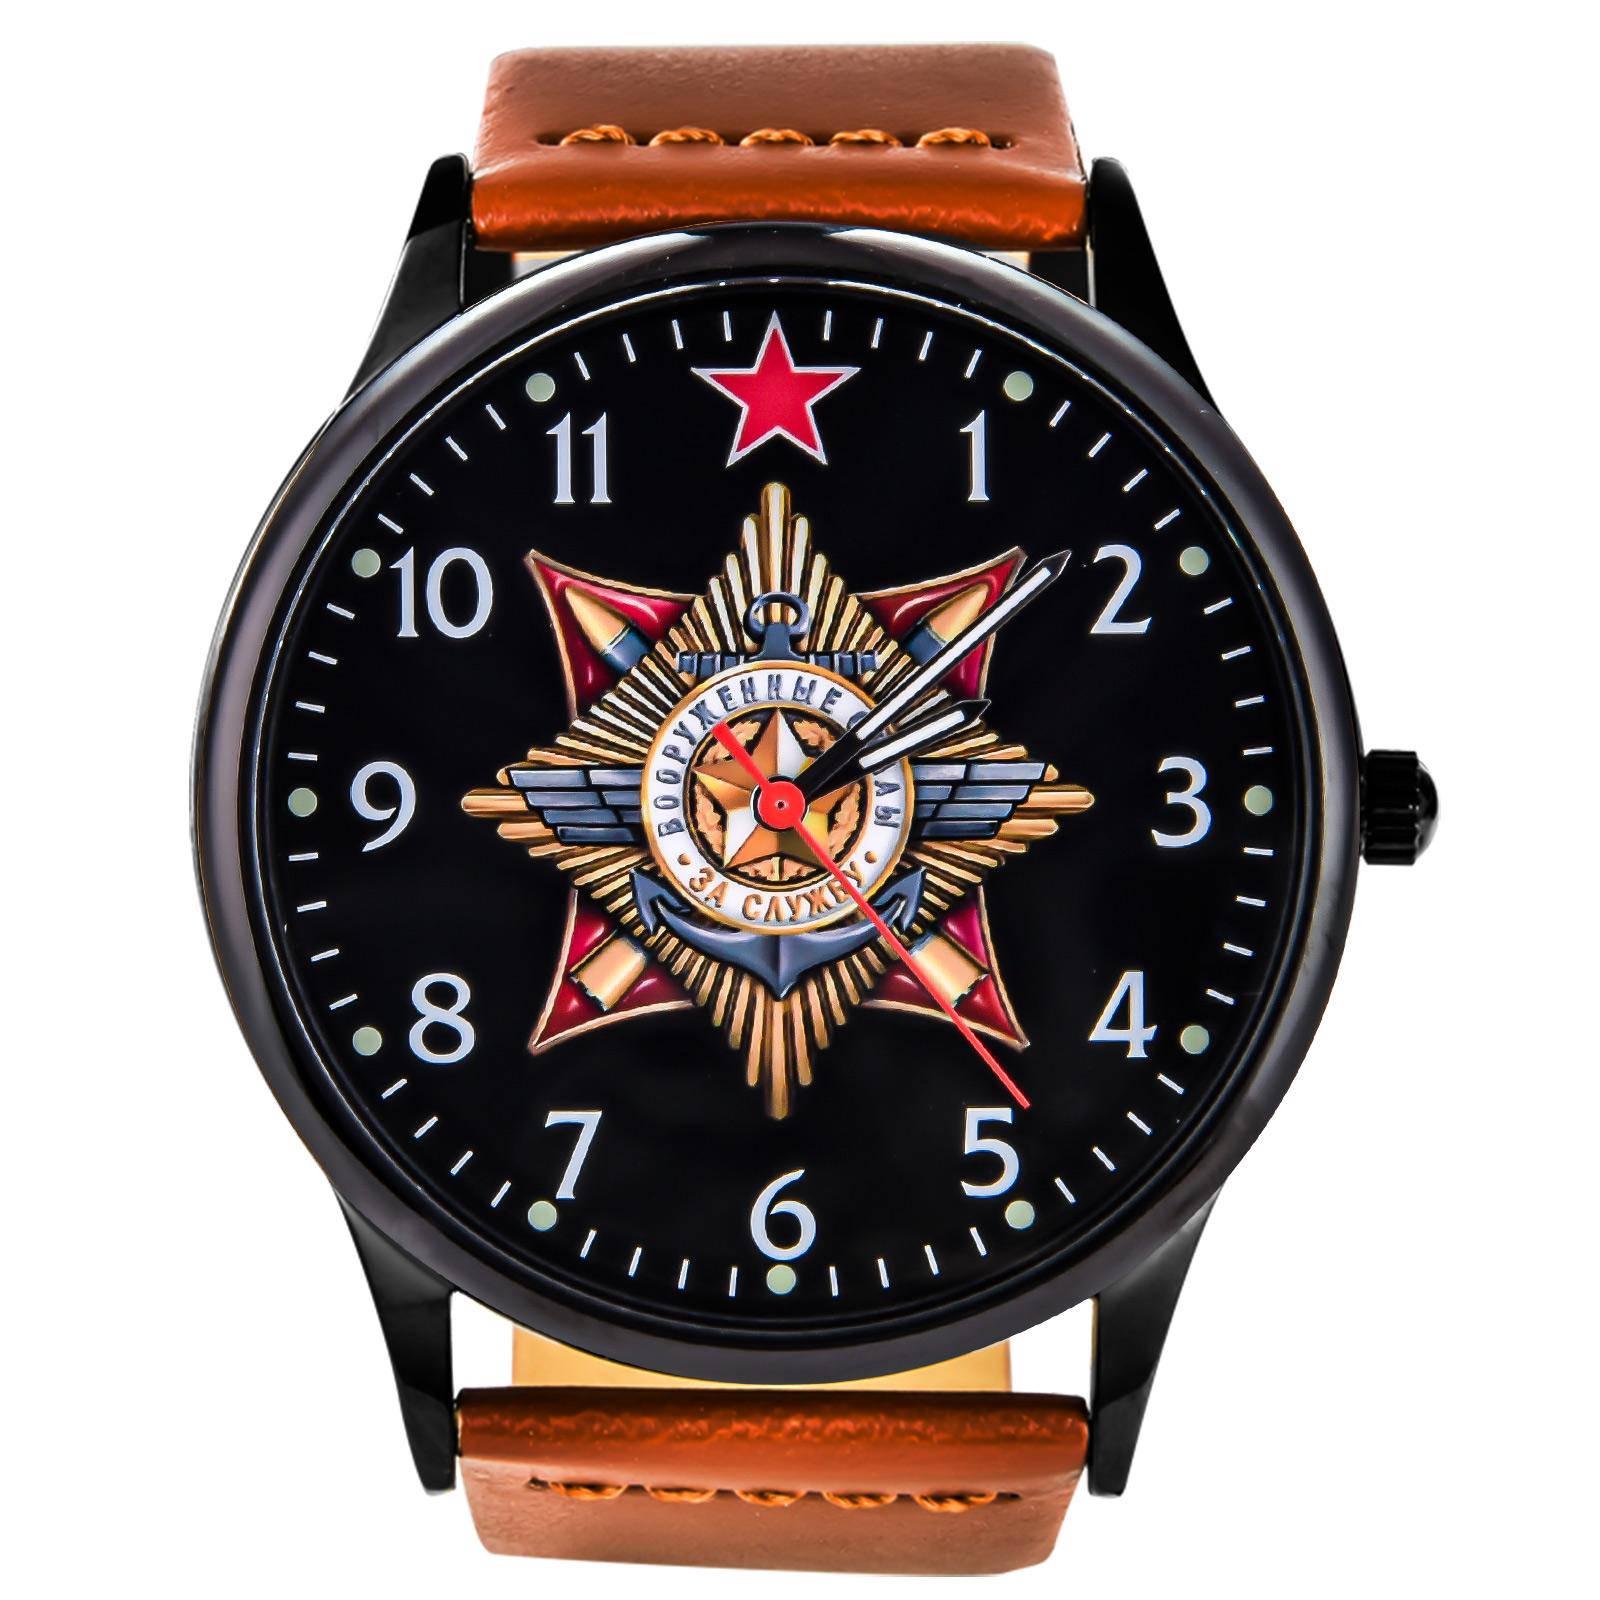 Подарочные командирские часы ВС РФ купить в Военпро